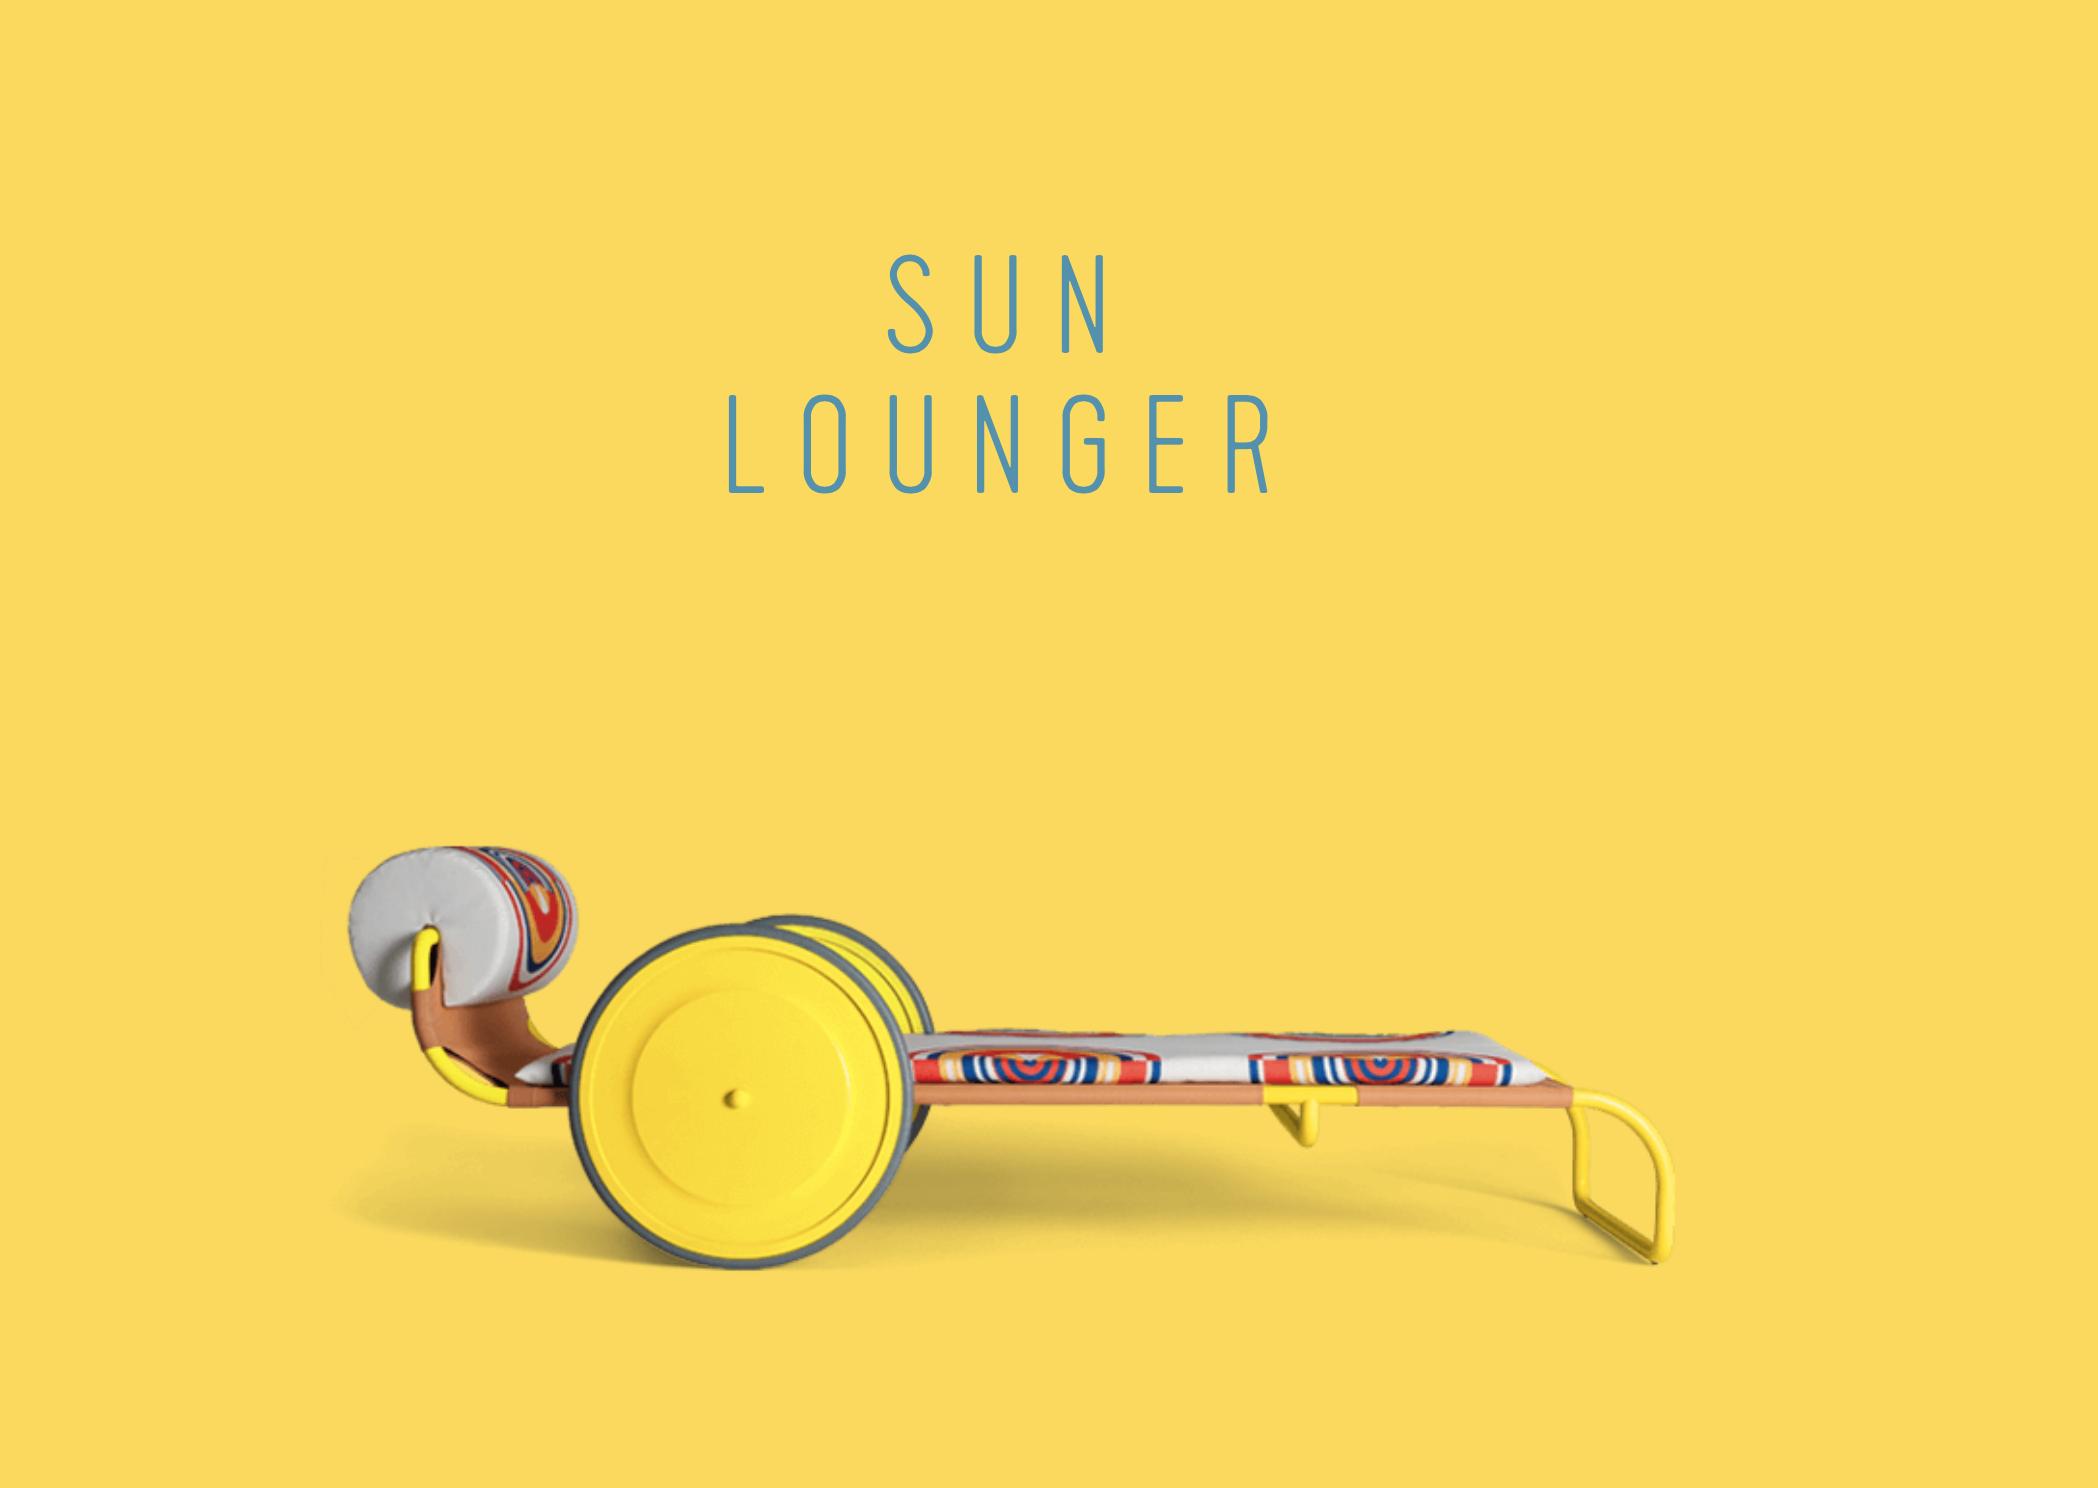 Locus Solus Sun Lounger  - Inquire